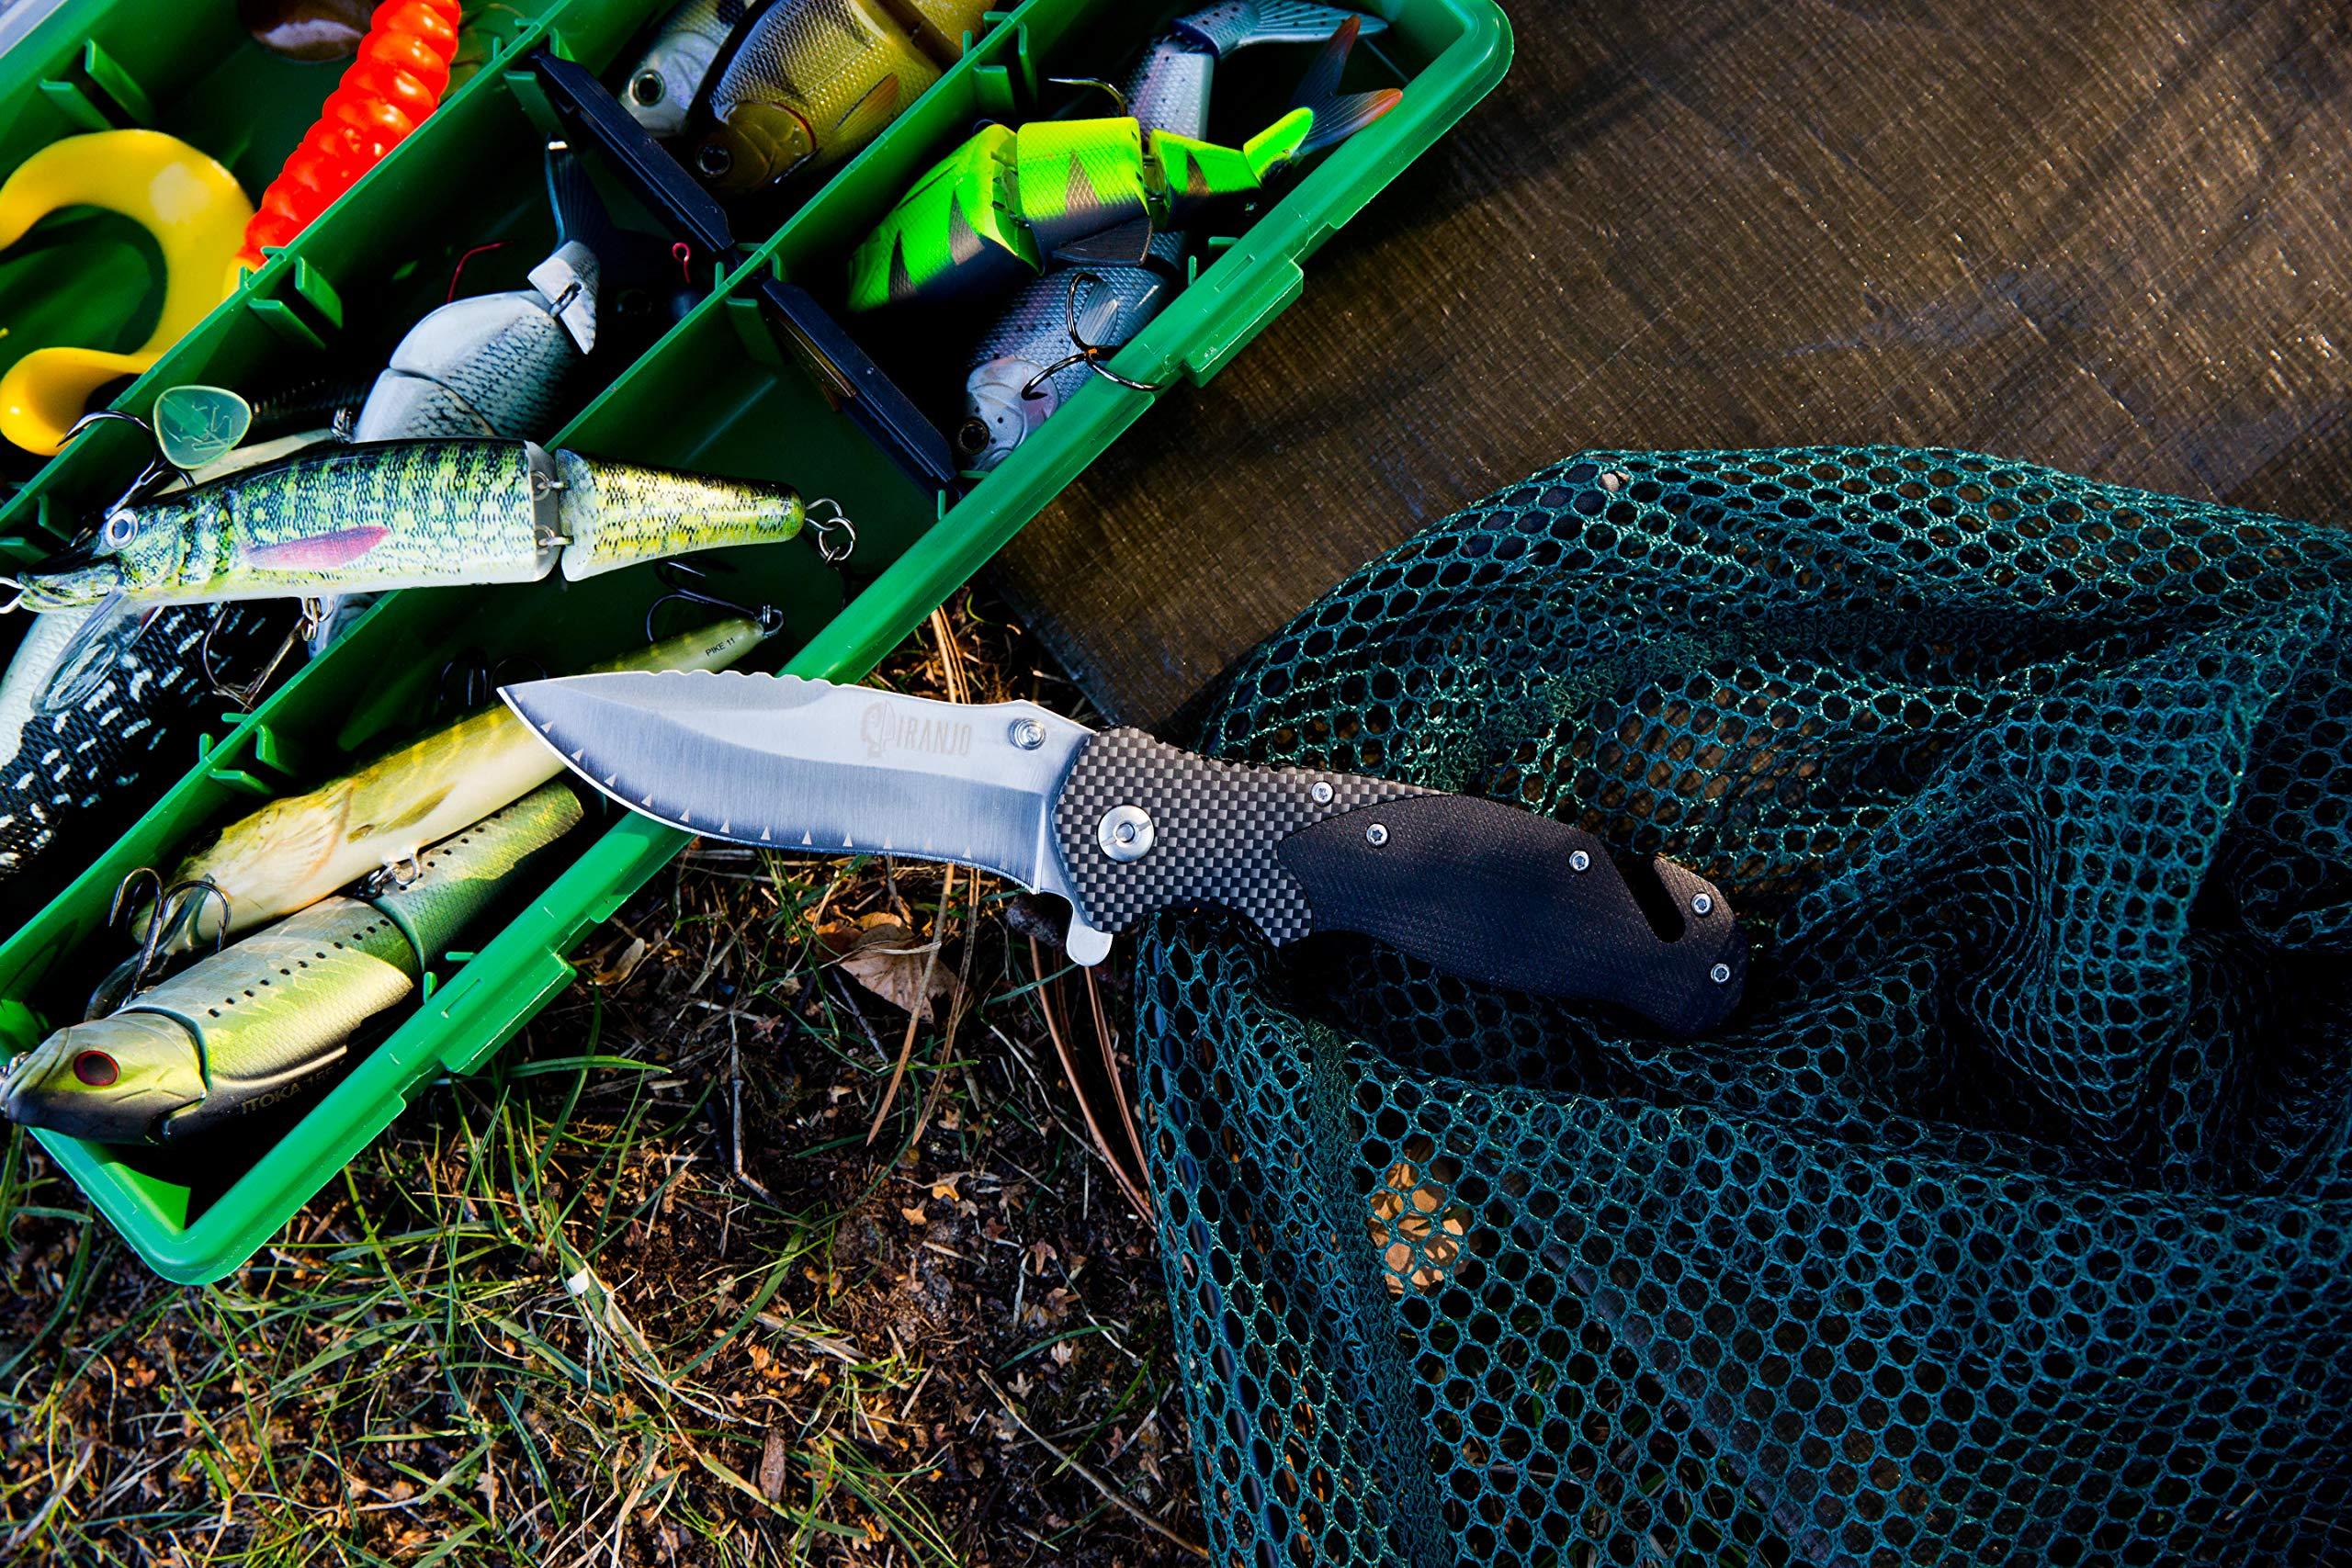 Piranjo Klappmesser Set - Sehr scharfes Outdoormesser im modernen Design - Incl. Schleifstein, Gürtelclip, Etui & Tuch - Taschenmesser - Das Perfekte scharfe Geschenk